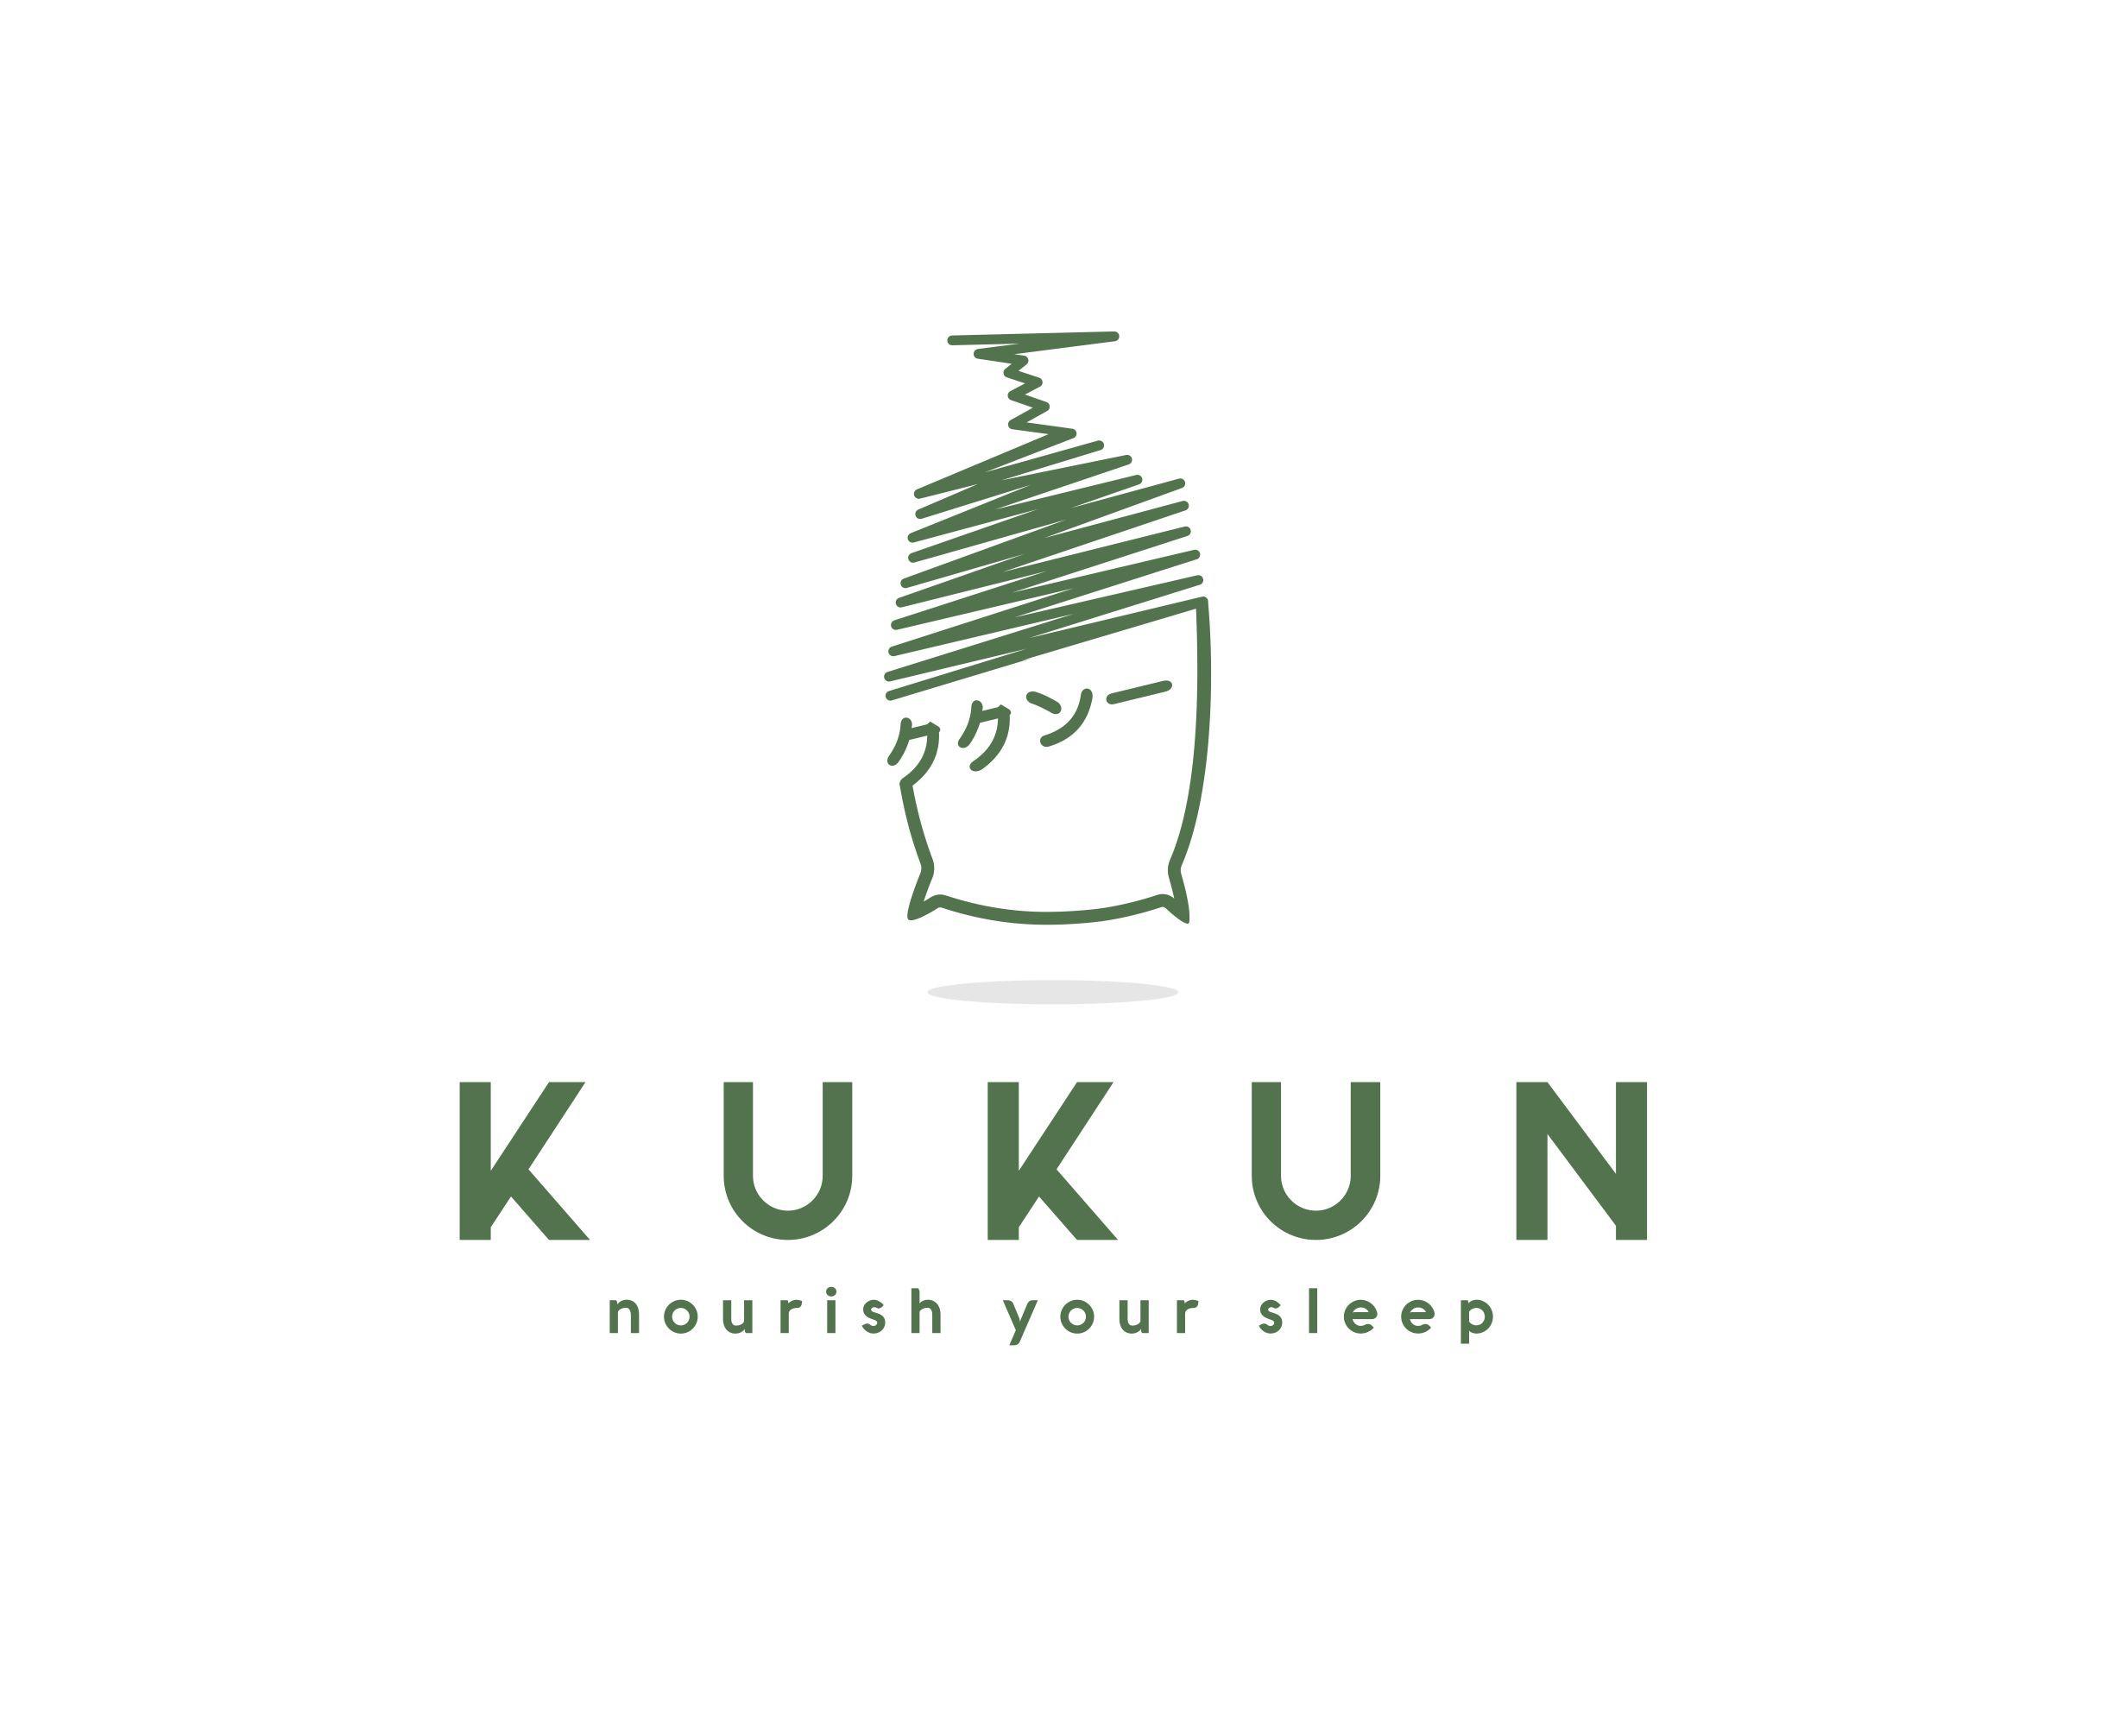 Create a logo for Japanese pillow retailer